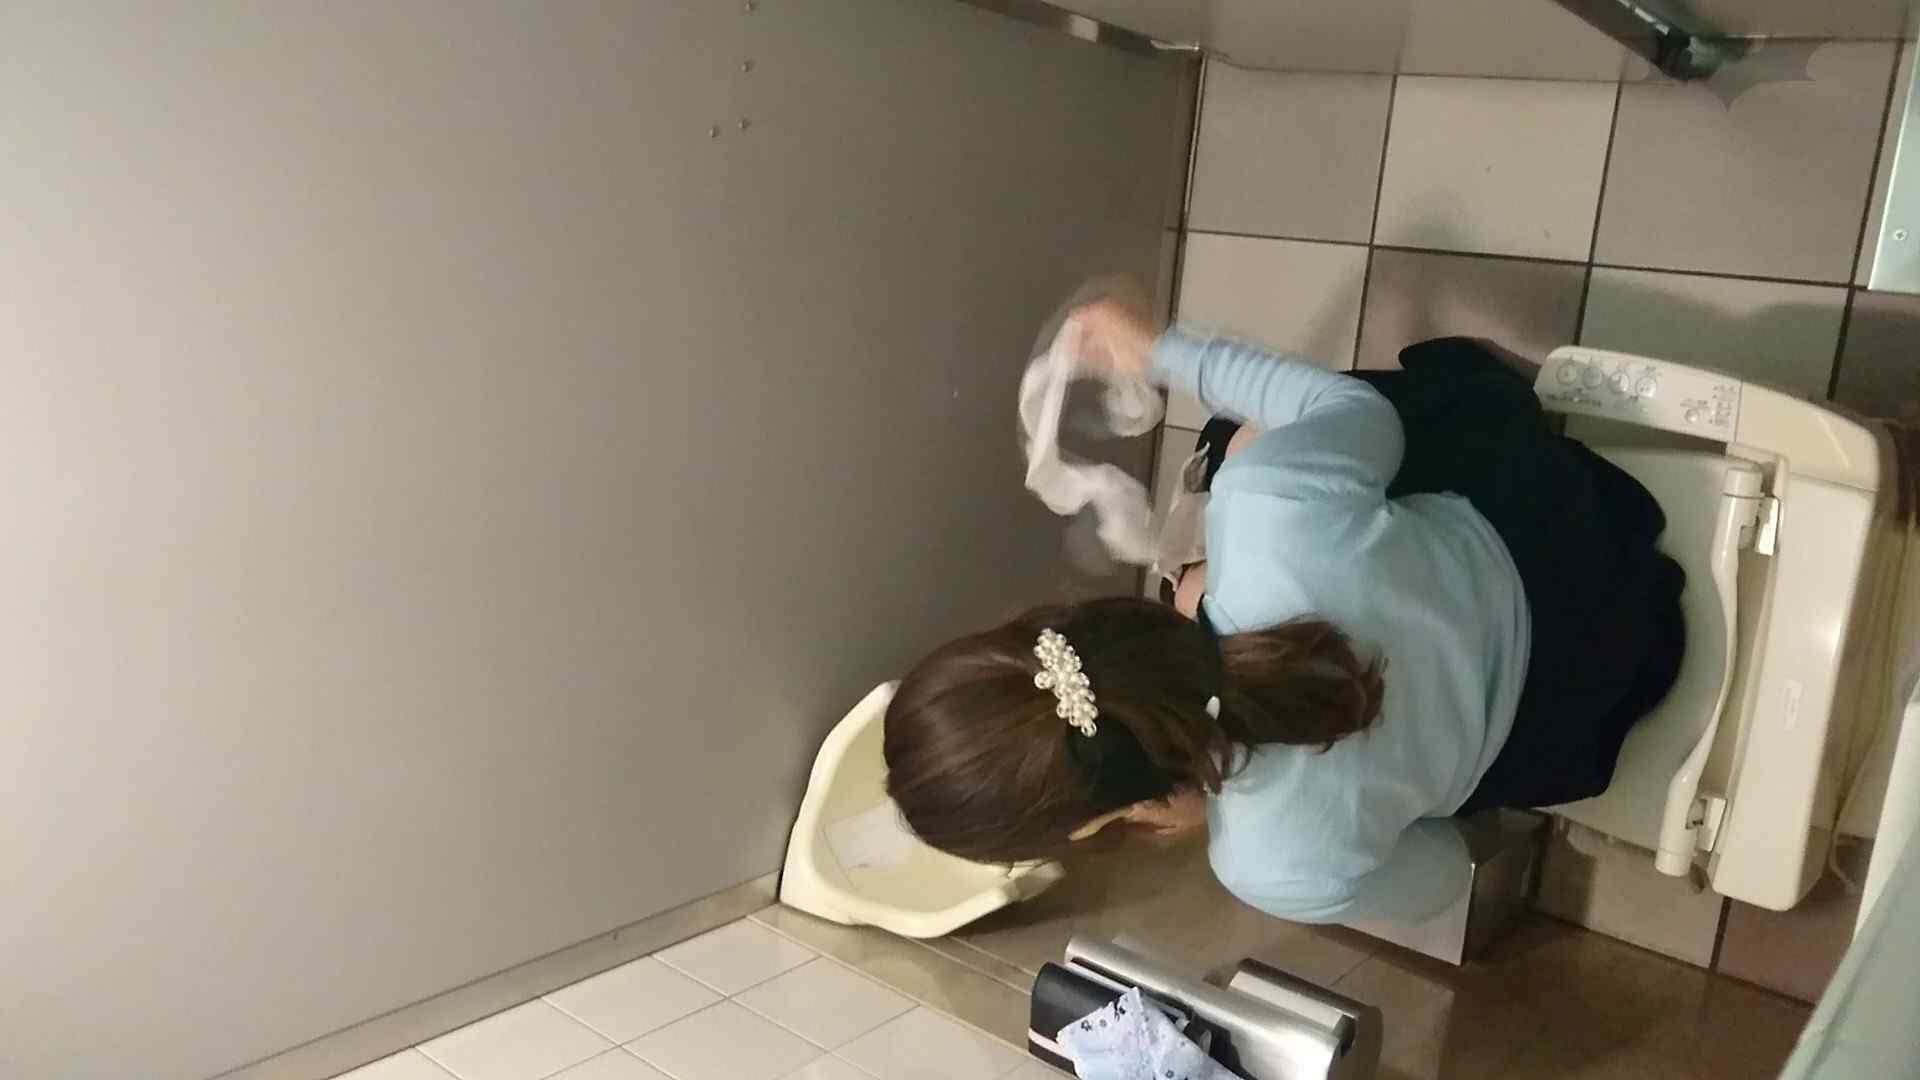 化粧室絵巻 ショッピングモール編 VOL.13 丸見え オメコ無修正動画無料 89画像 59